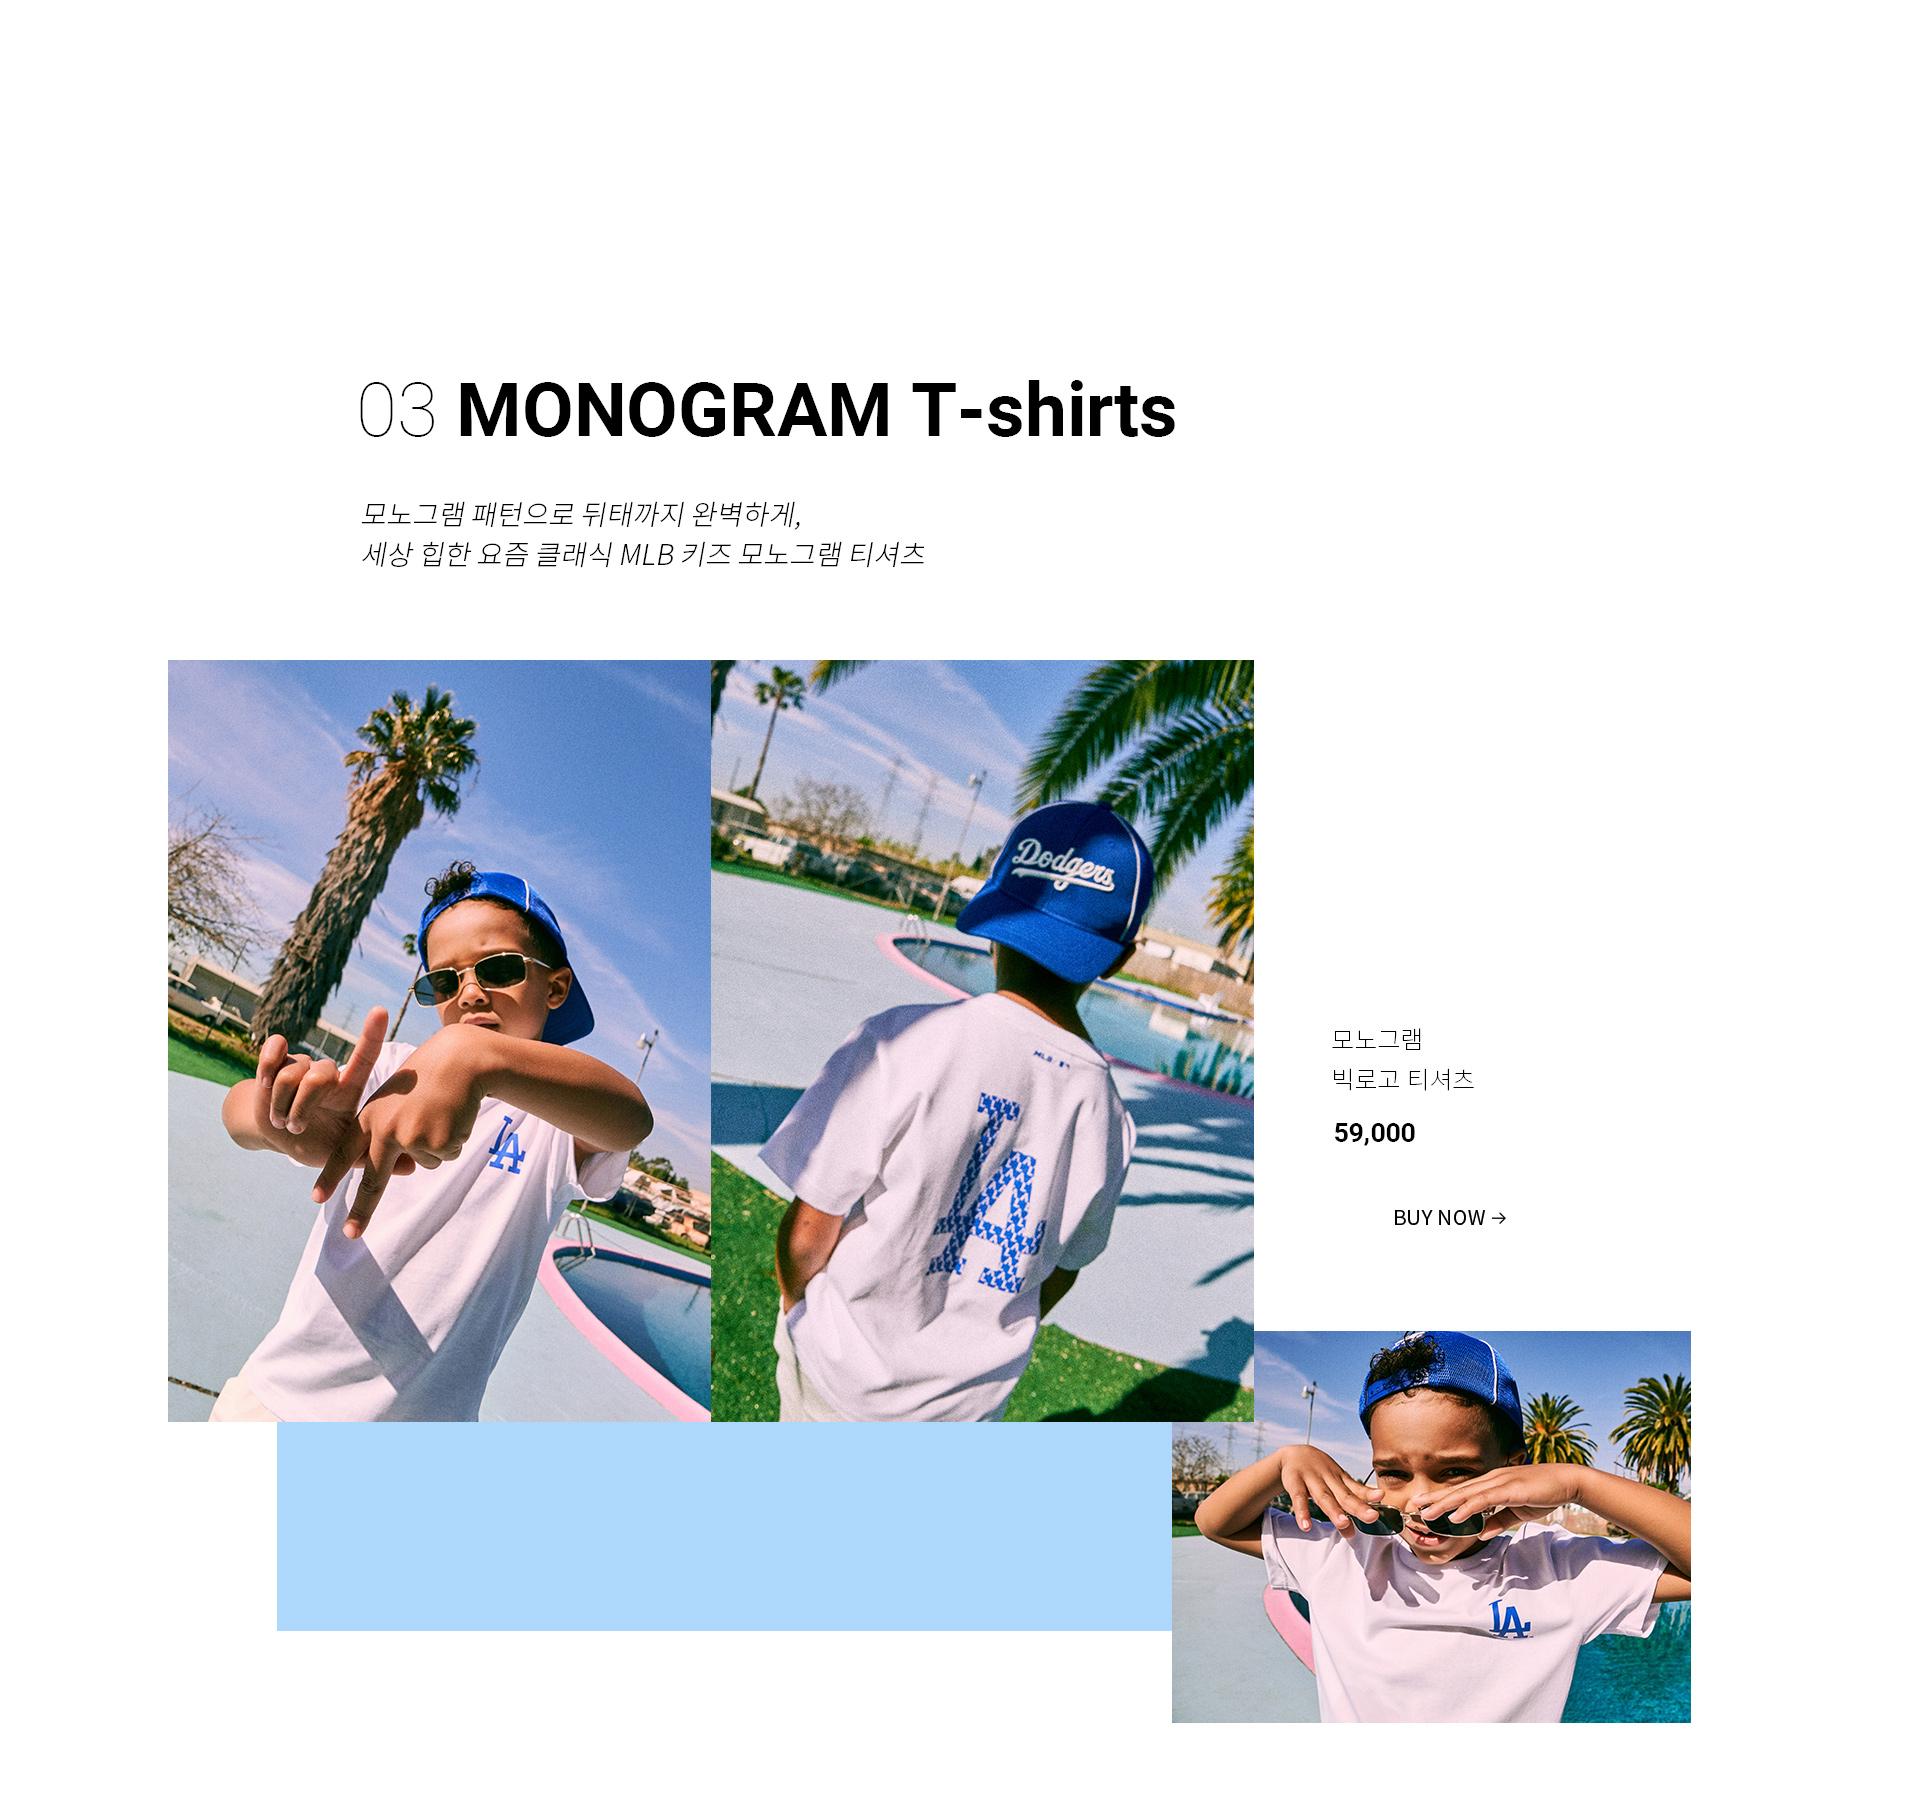 03 MONOGRAM T-shirts 모노그램 패턴으로 뒤태까지 완벽하게, 세상 힙한 요즘 클래식 MLB 키즈 모노그램 티셔츠